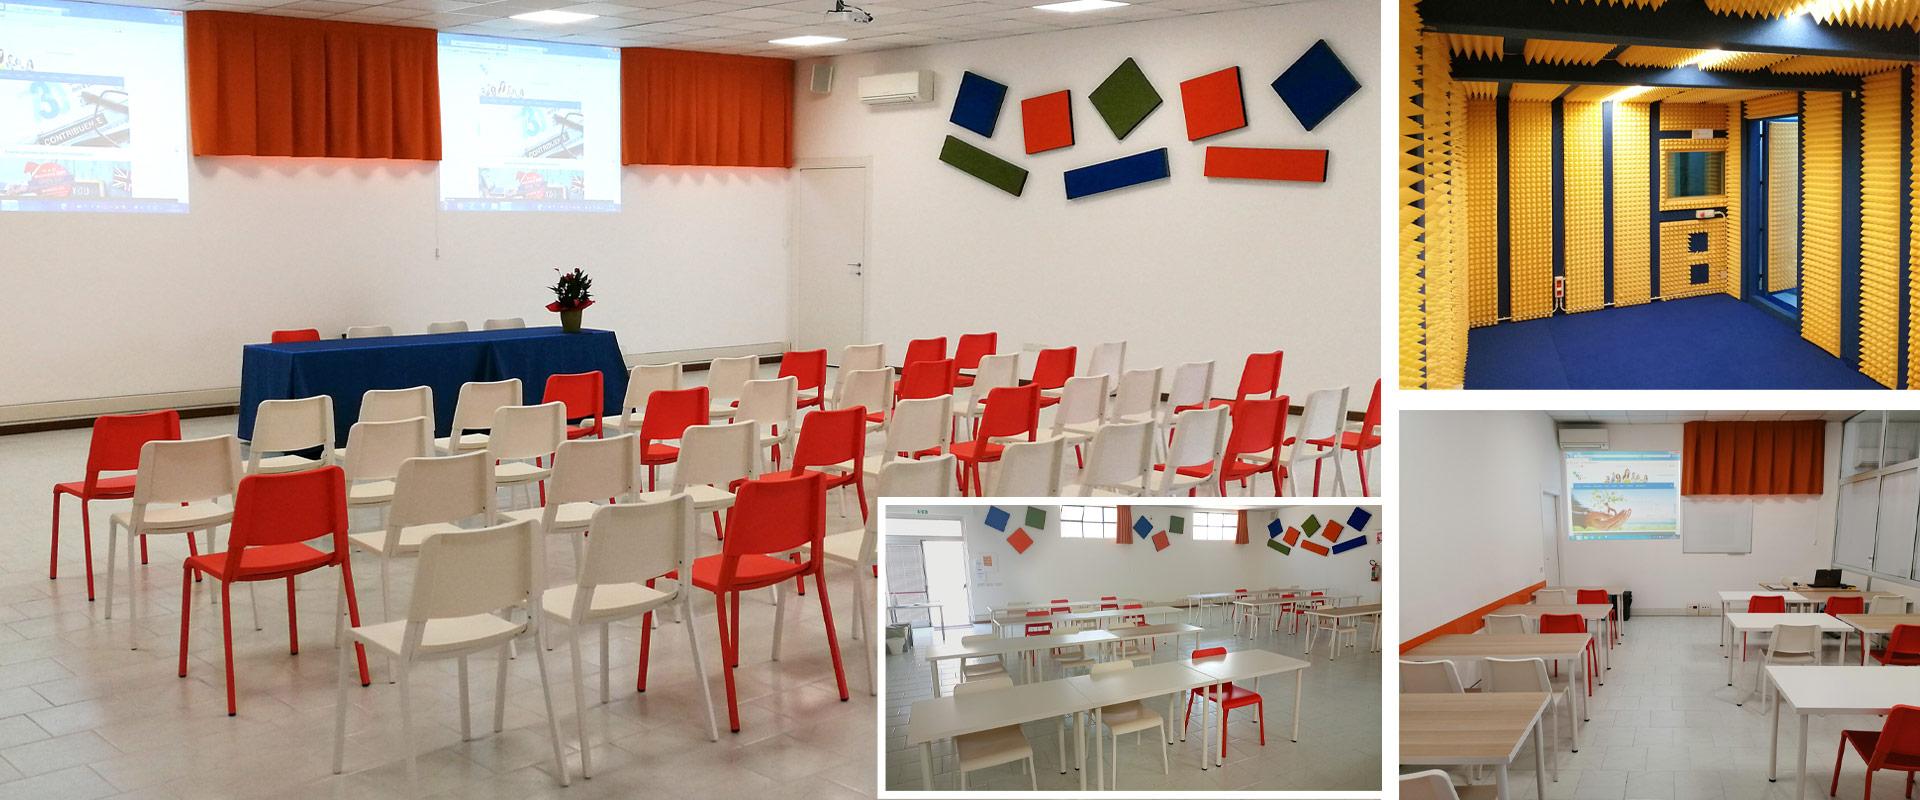 centro-servizi-formazione-aule-formative